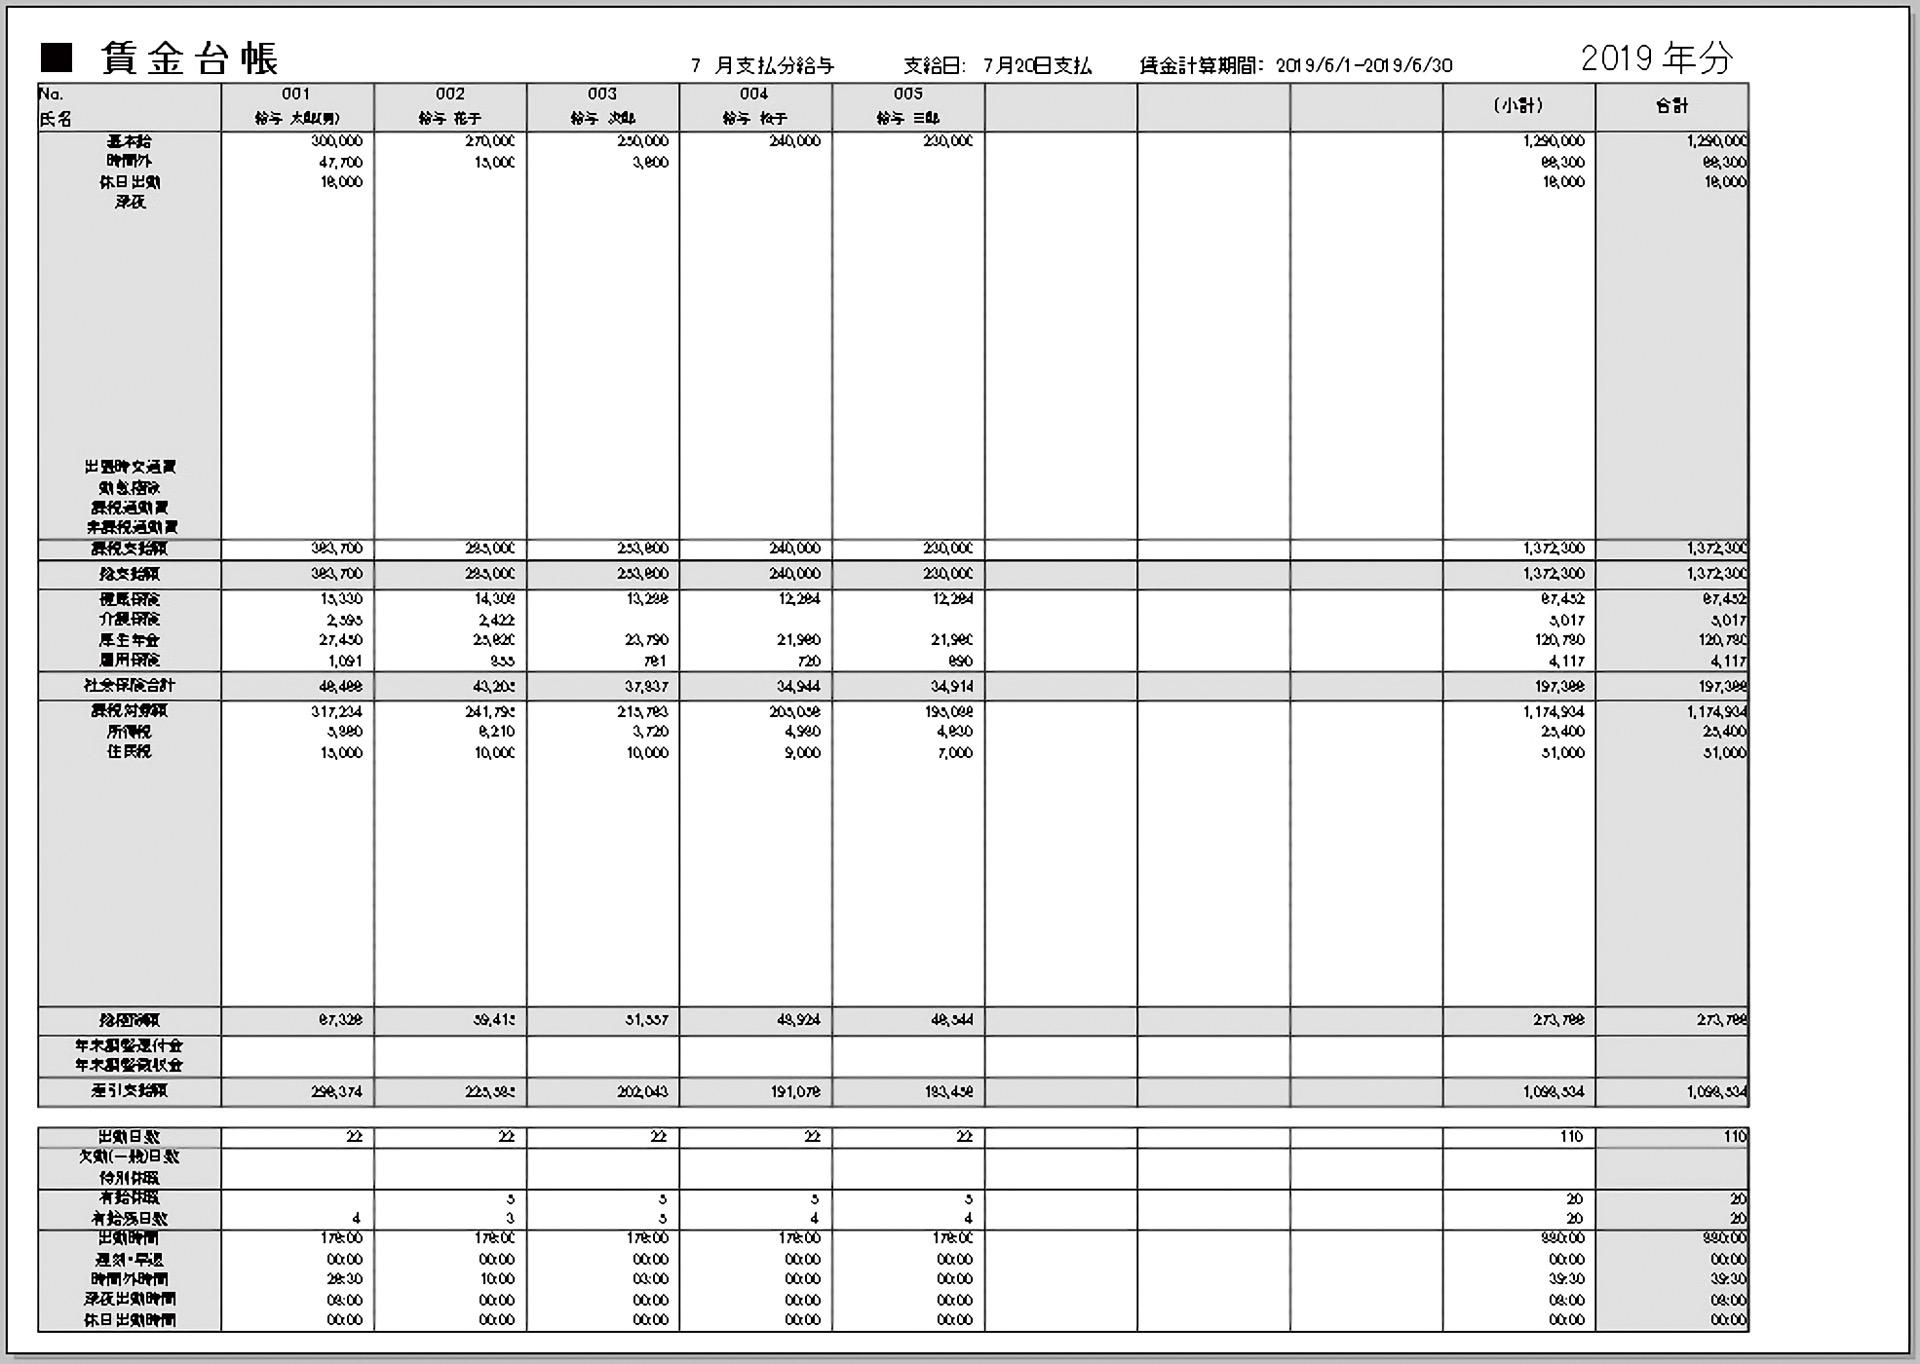 月別賃金台帳の画面